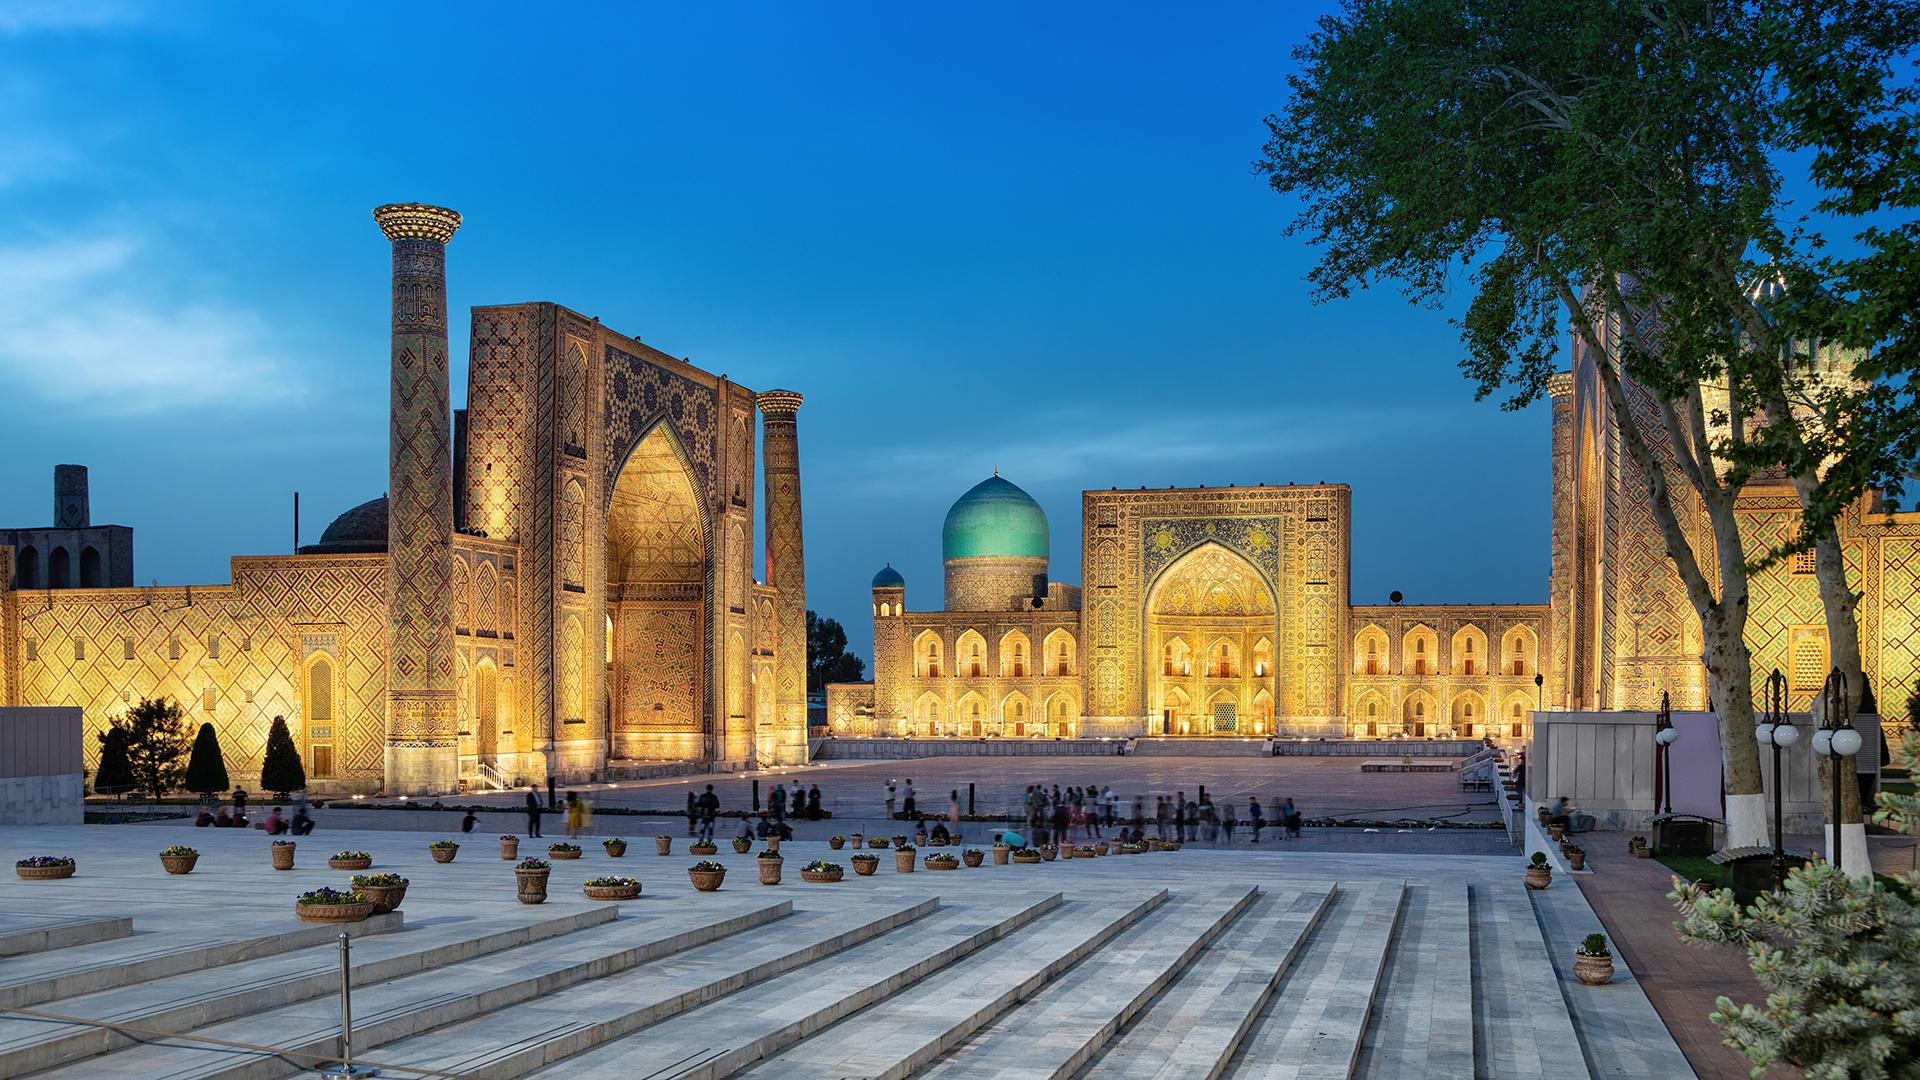 Desde rincones mágicos de la Ruta de la Seda y espacios abiertos épicos, hasta un peculiar pasado soviético; la República de Uzbekistán lo tiene todo para los viajeros curiosos